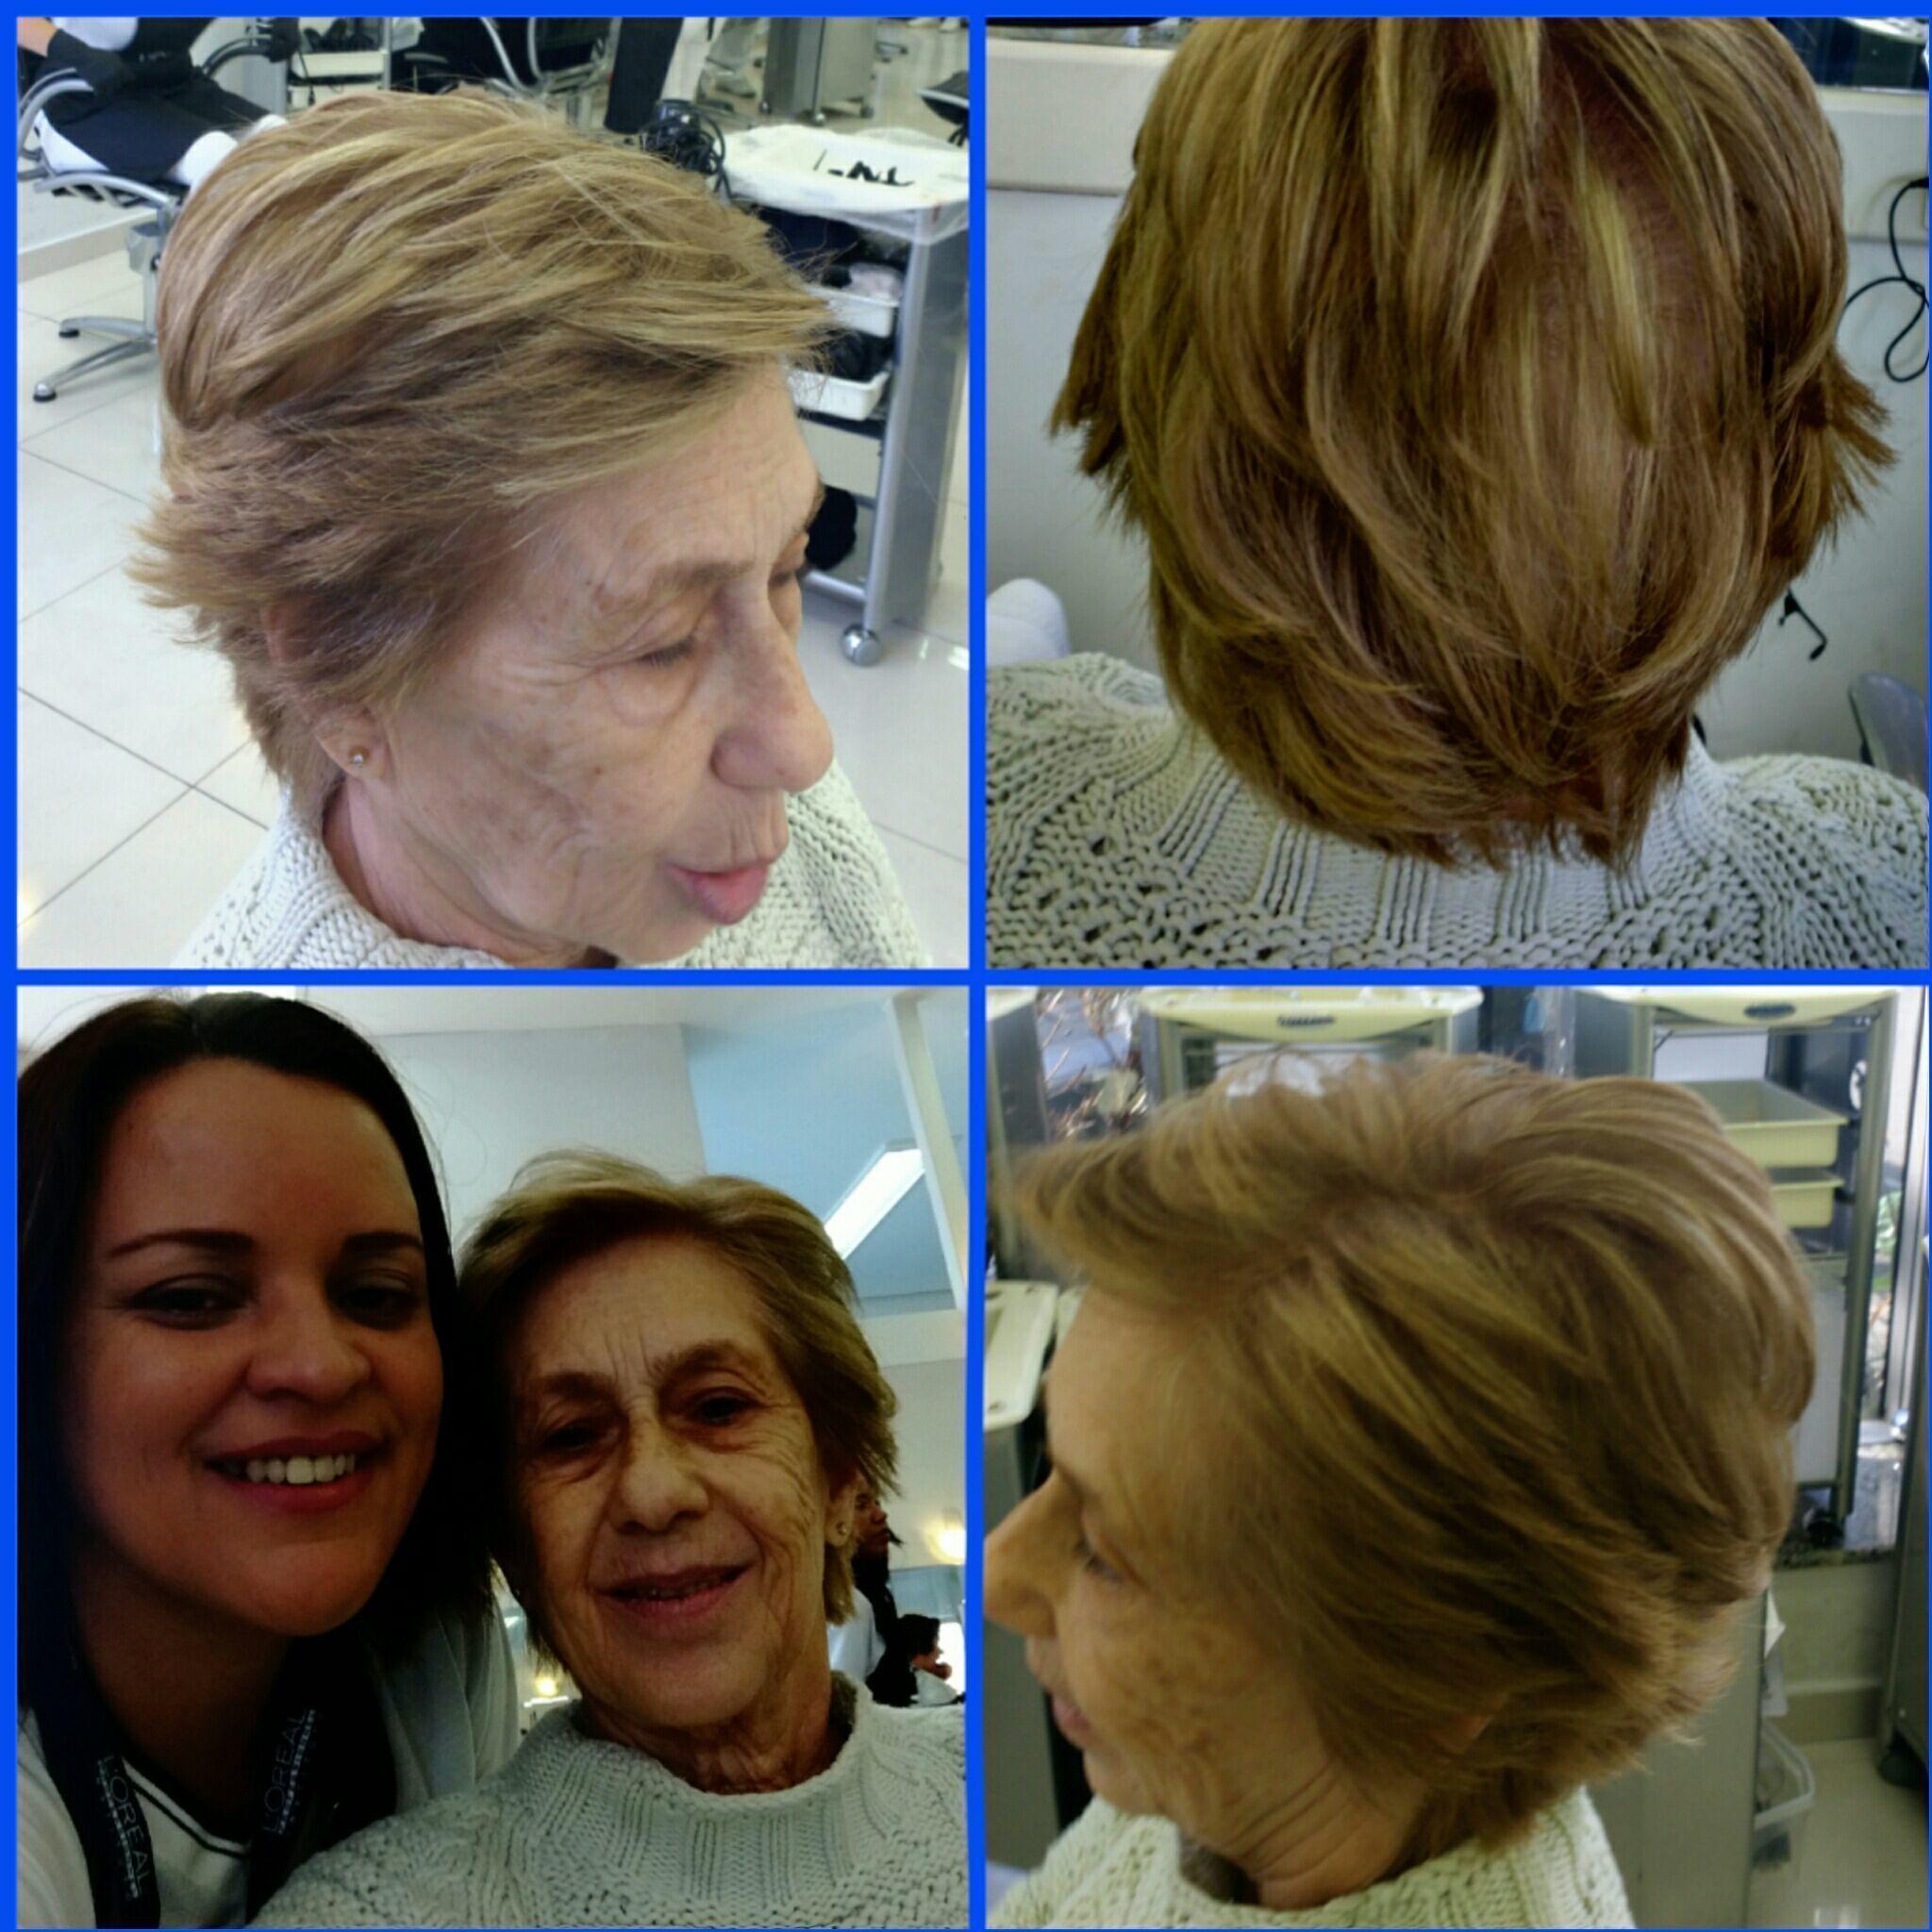 Cliente satisfeita correção de corte, mechas imversas cabelo auxiliar cabeleireiro(a) cabeleireiro(a)